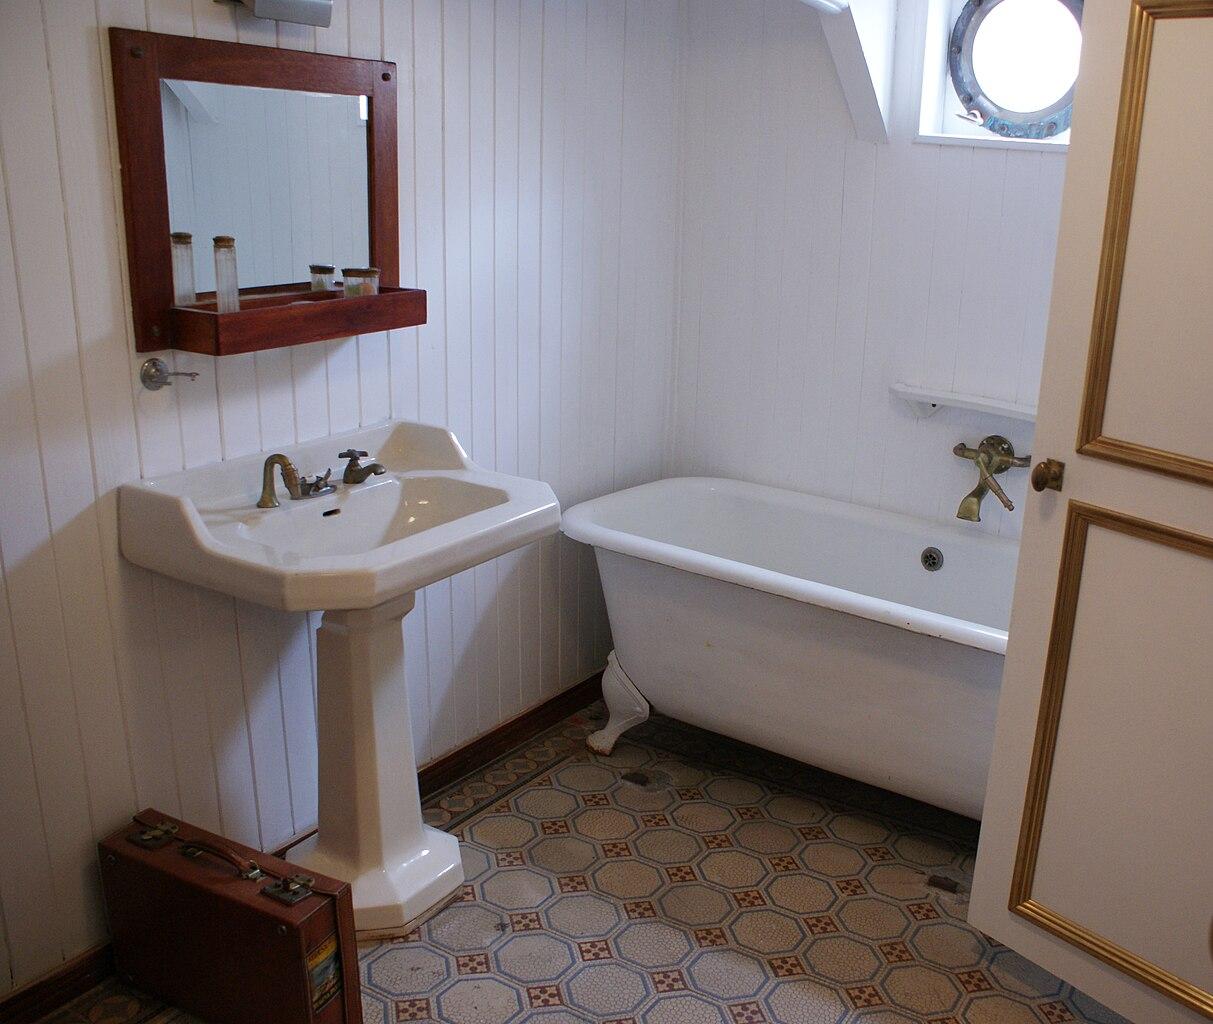 Carrelage salle de bain original 28 images une salle for Carrelage original